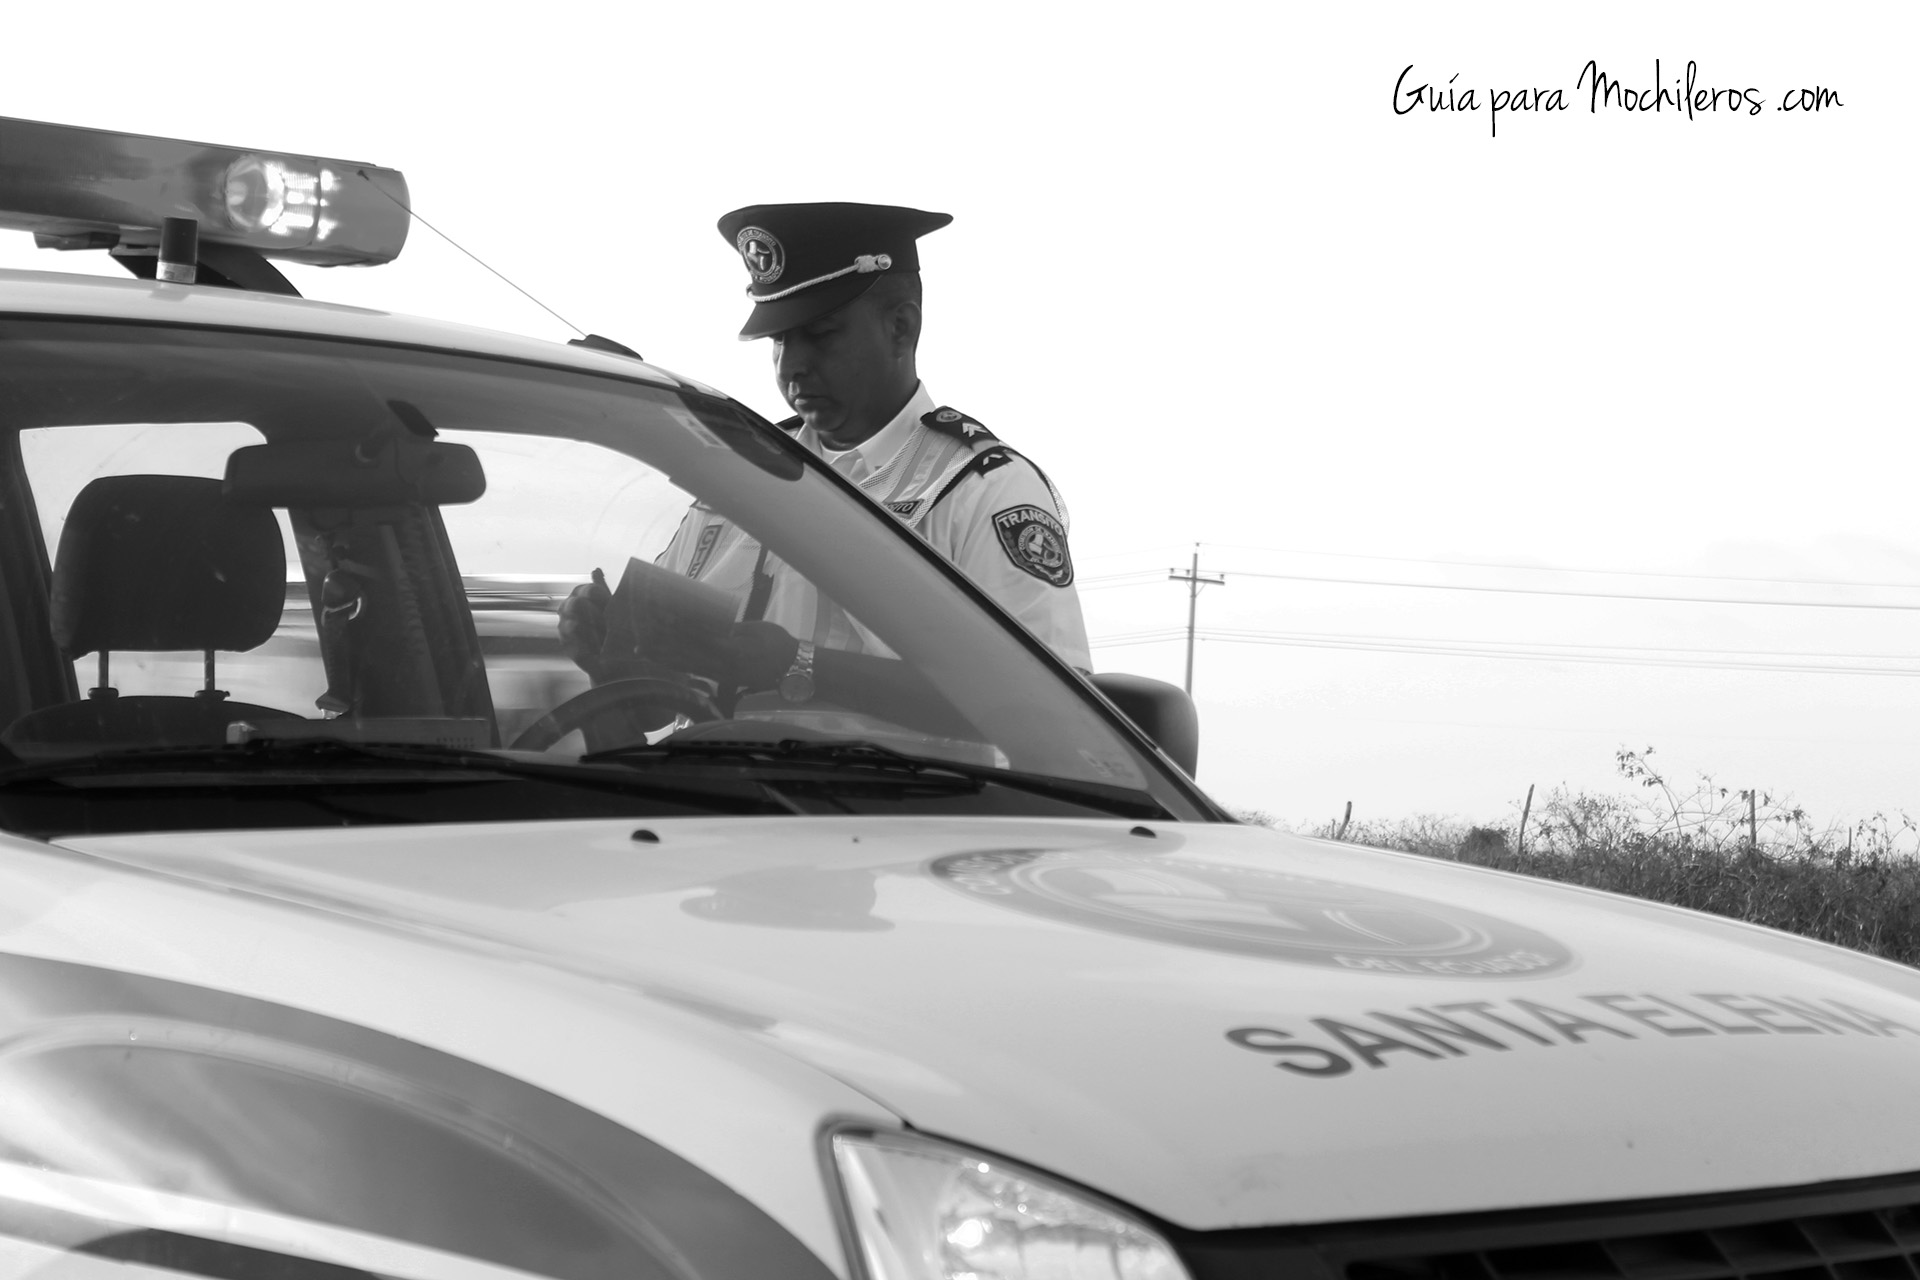 Cuando viajamos a dedo de Montañitas a Guayaquil, le pusieron una multa al conductor que nos llevó pues estaba prohibido y él aunque sabía, quiso arriesgarse